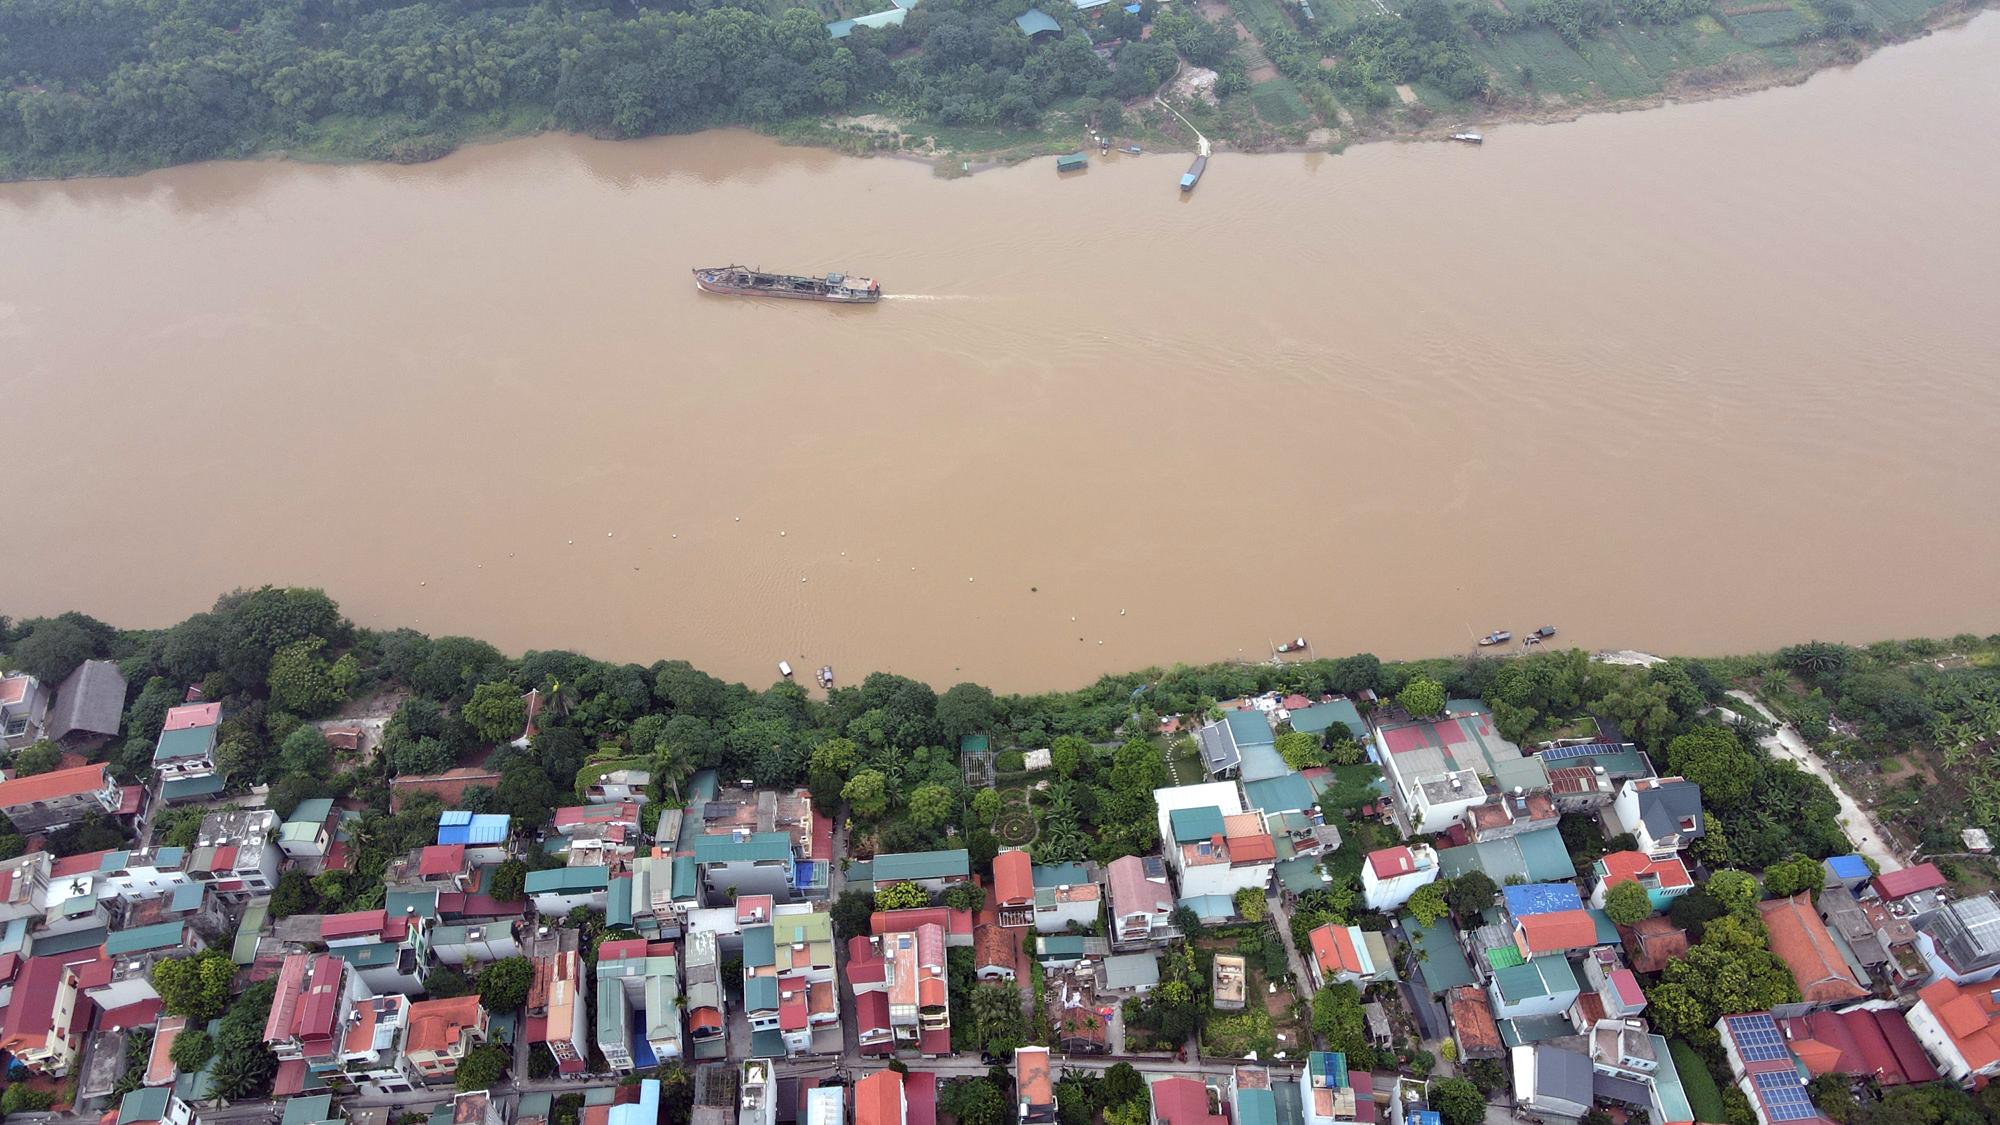 Hà Nội: Toàn cảnh các khu dân cư ven sông Hồng, sông Đuống thuộc diện di dời - Ảnh 5.